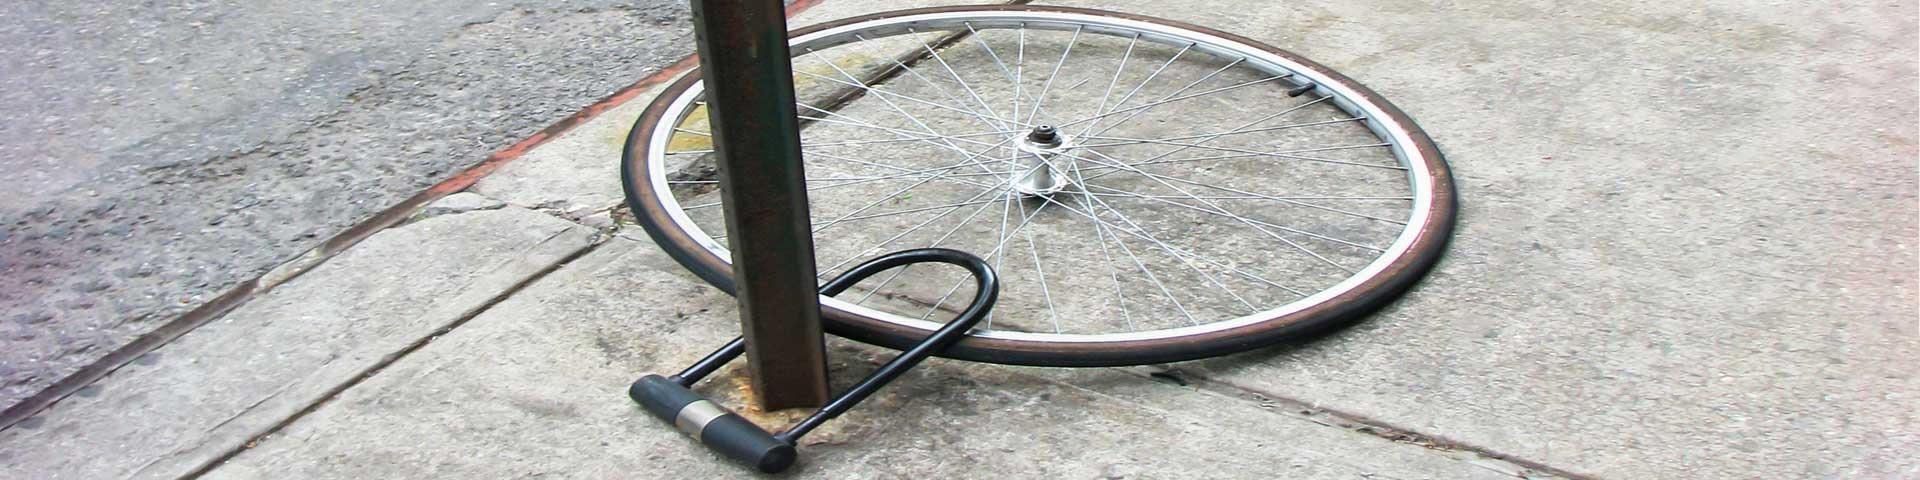 diefstal fiets voorkomen